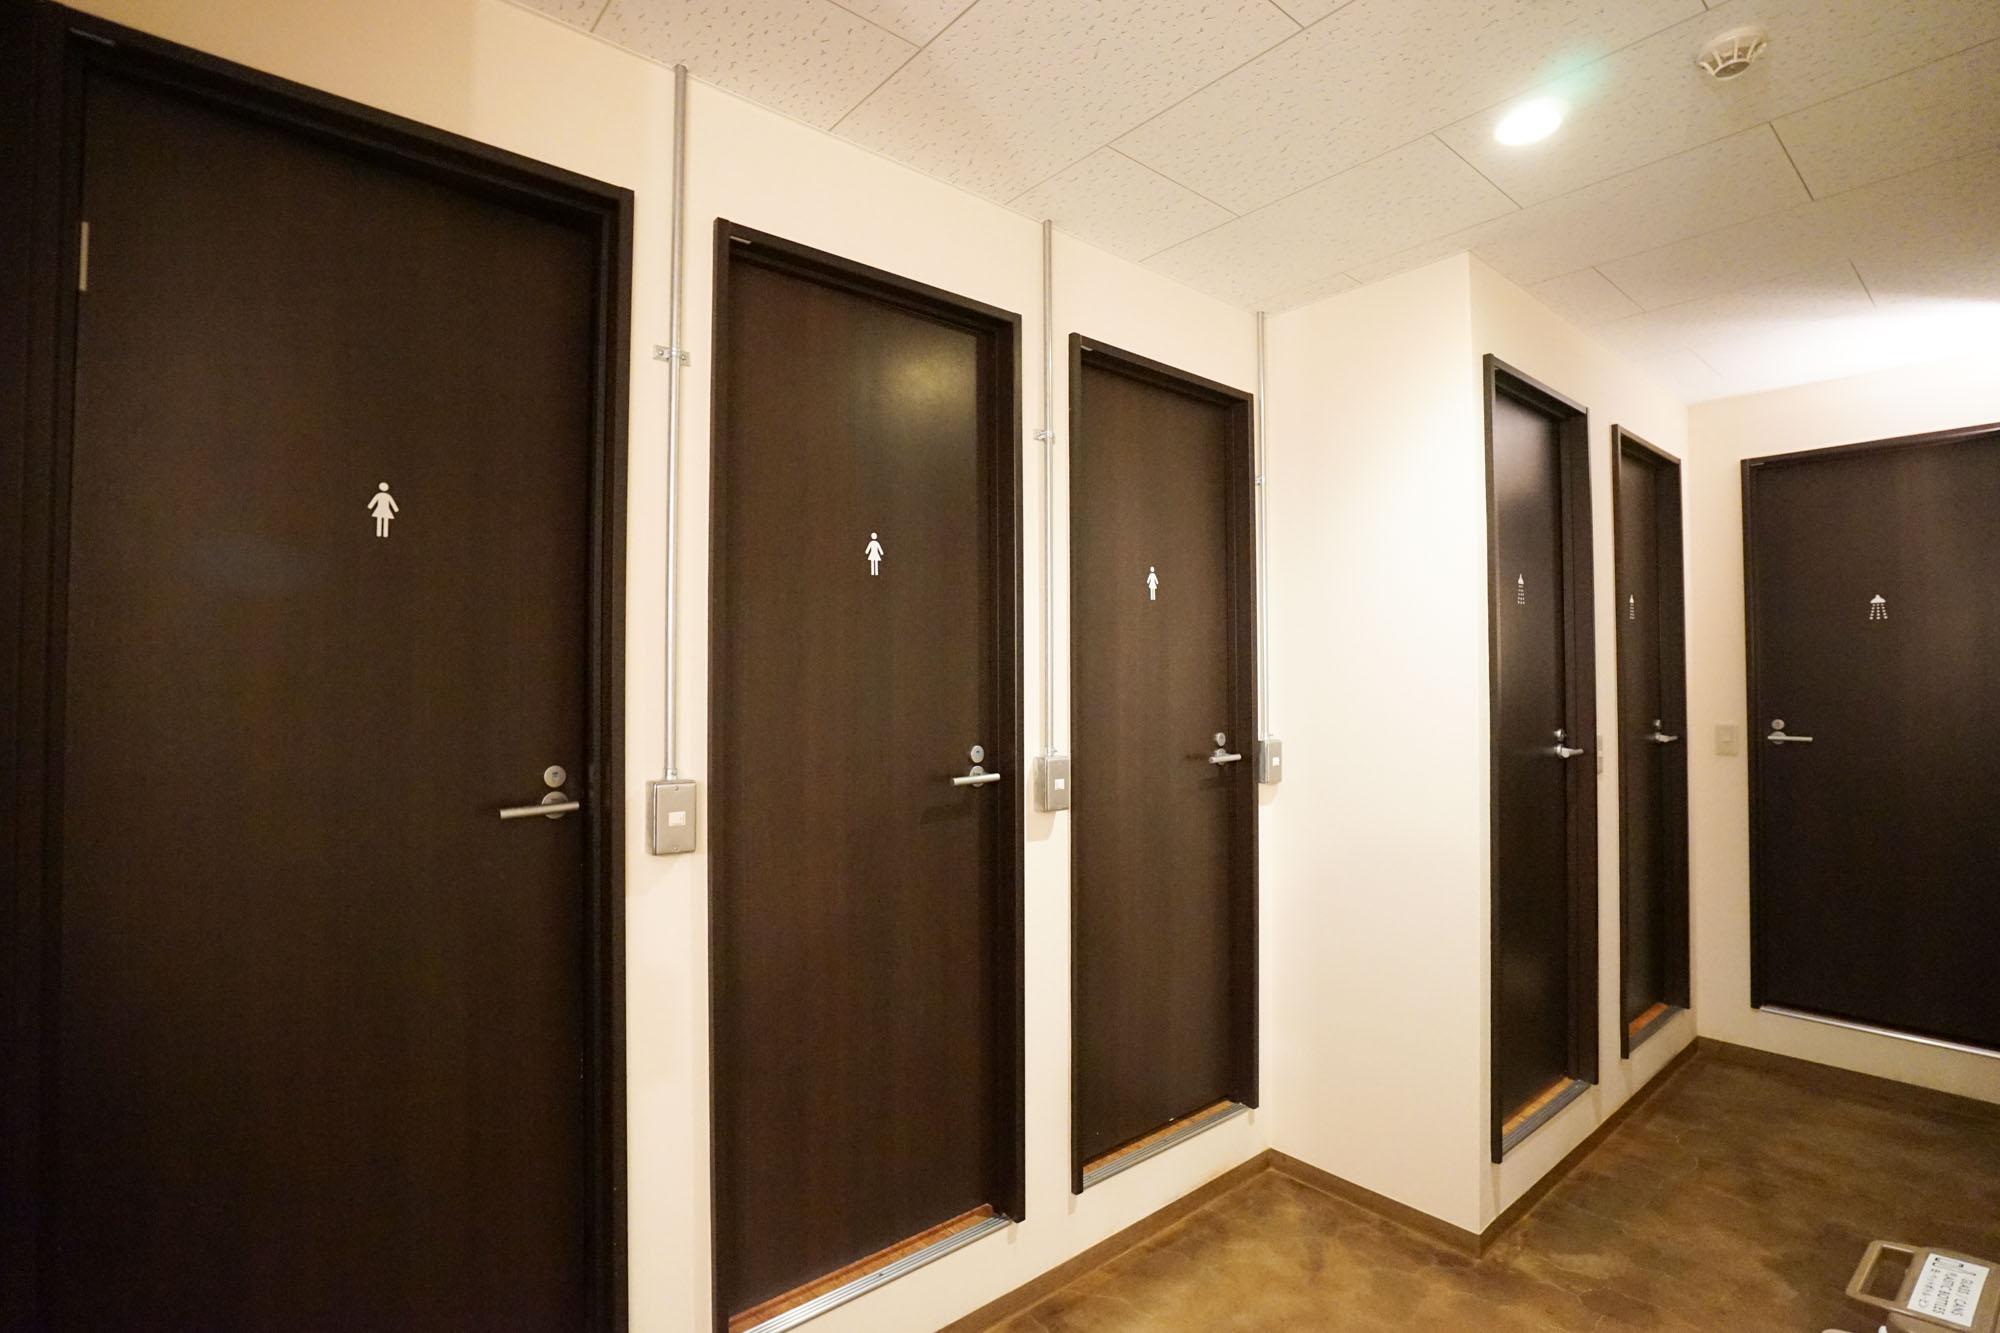 ワンフロアに、トイレは3箇所、シャワーブースも3箇所。